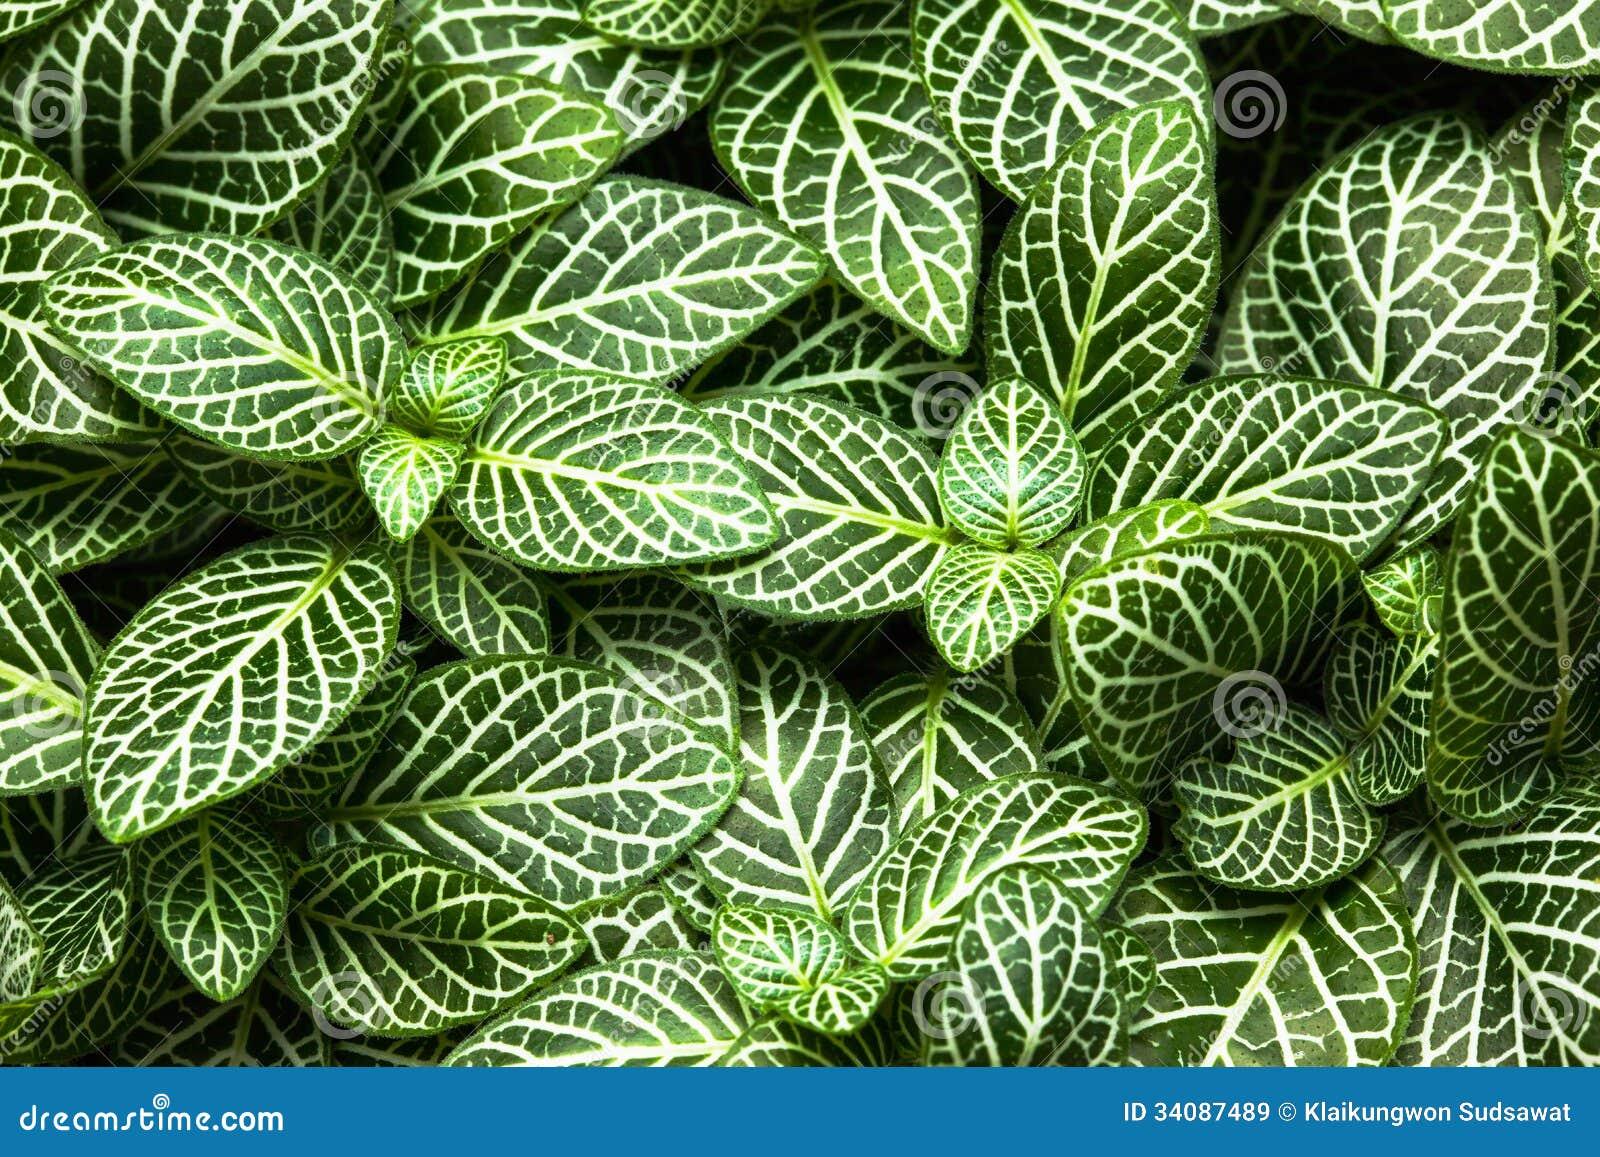 Las plantas ornamentales de la hoja rayada se cierran para for Plantas decorativas ornamentales